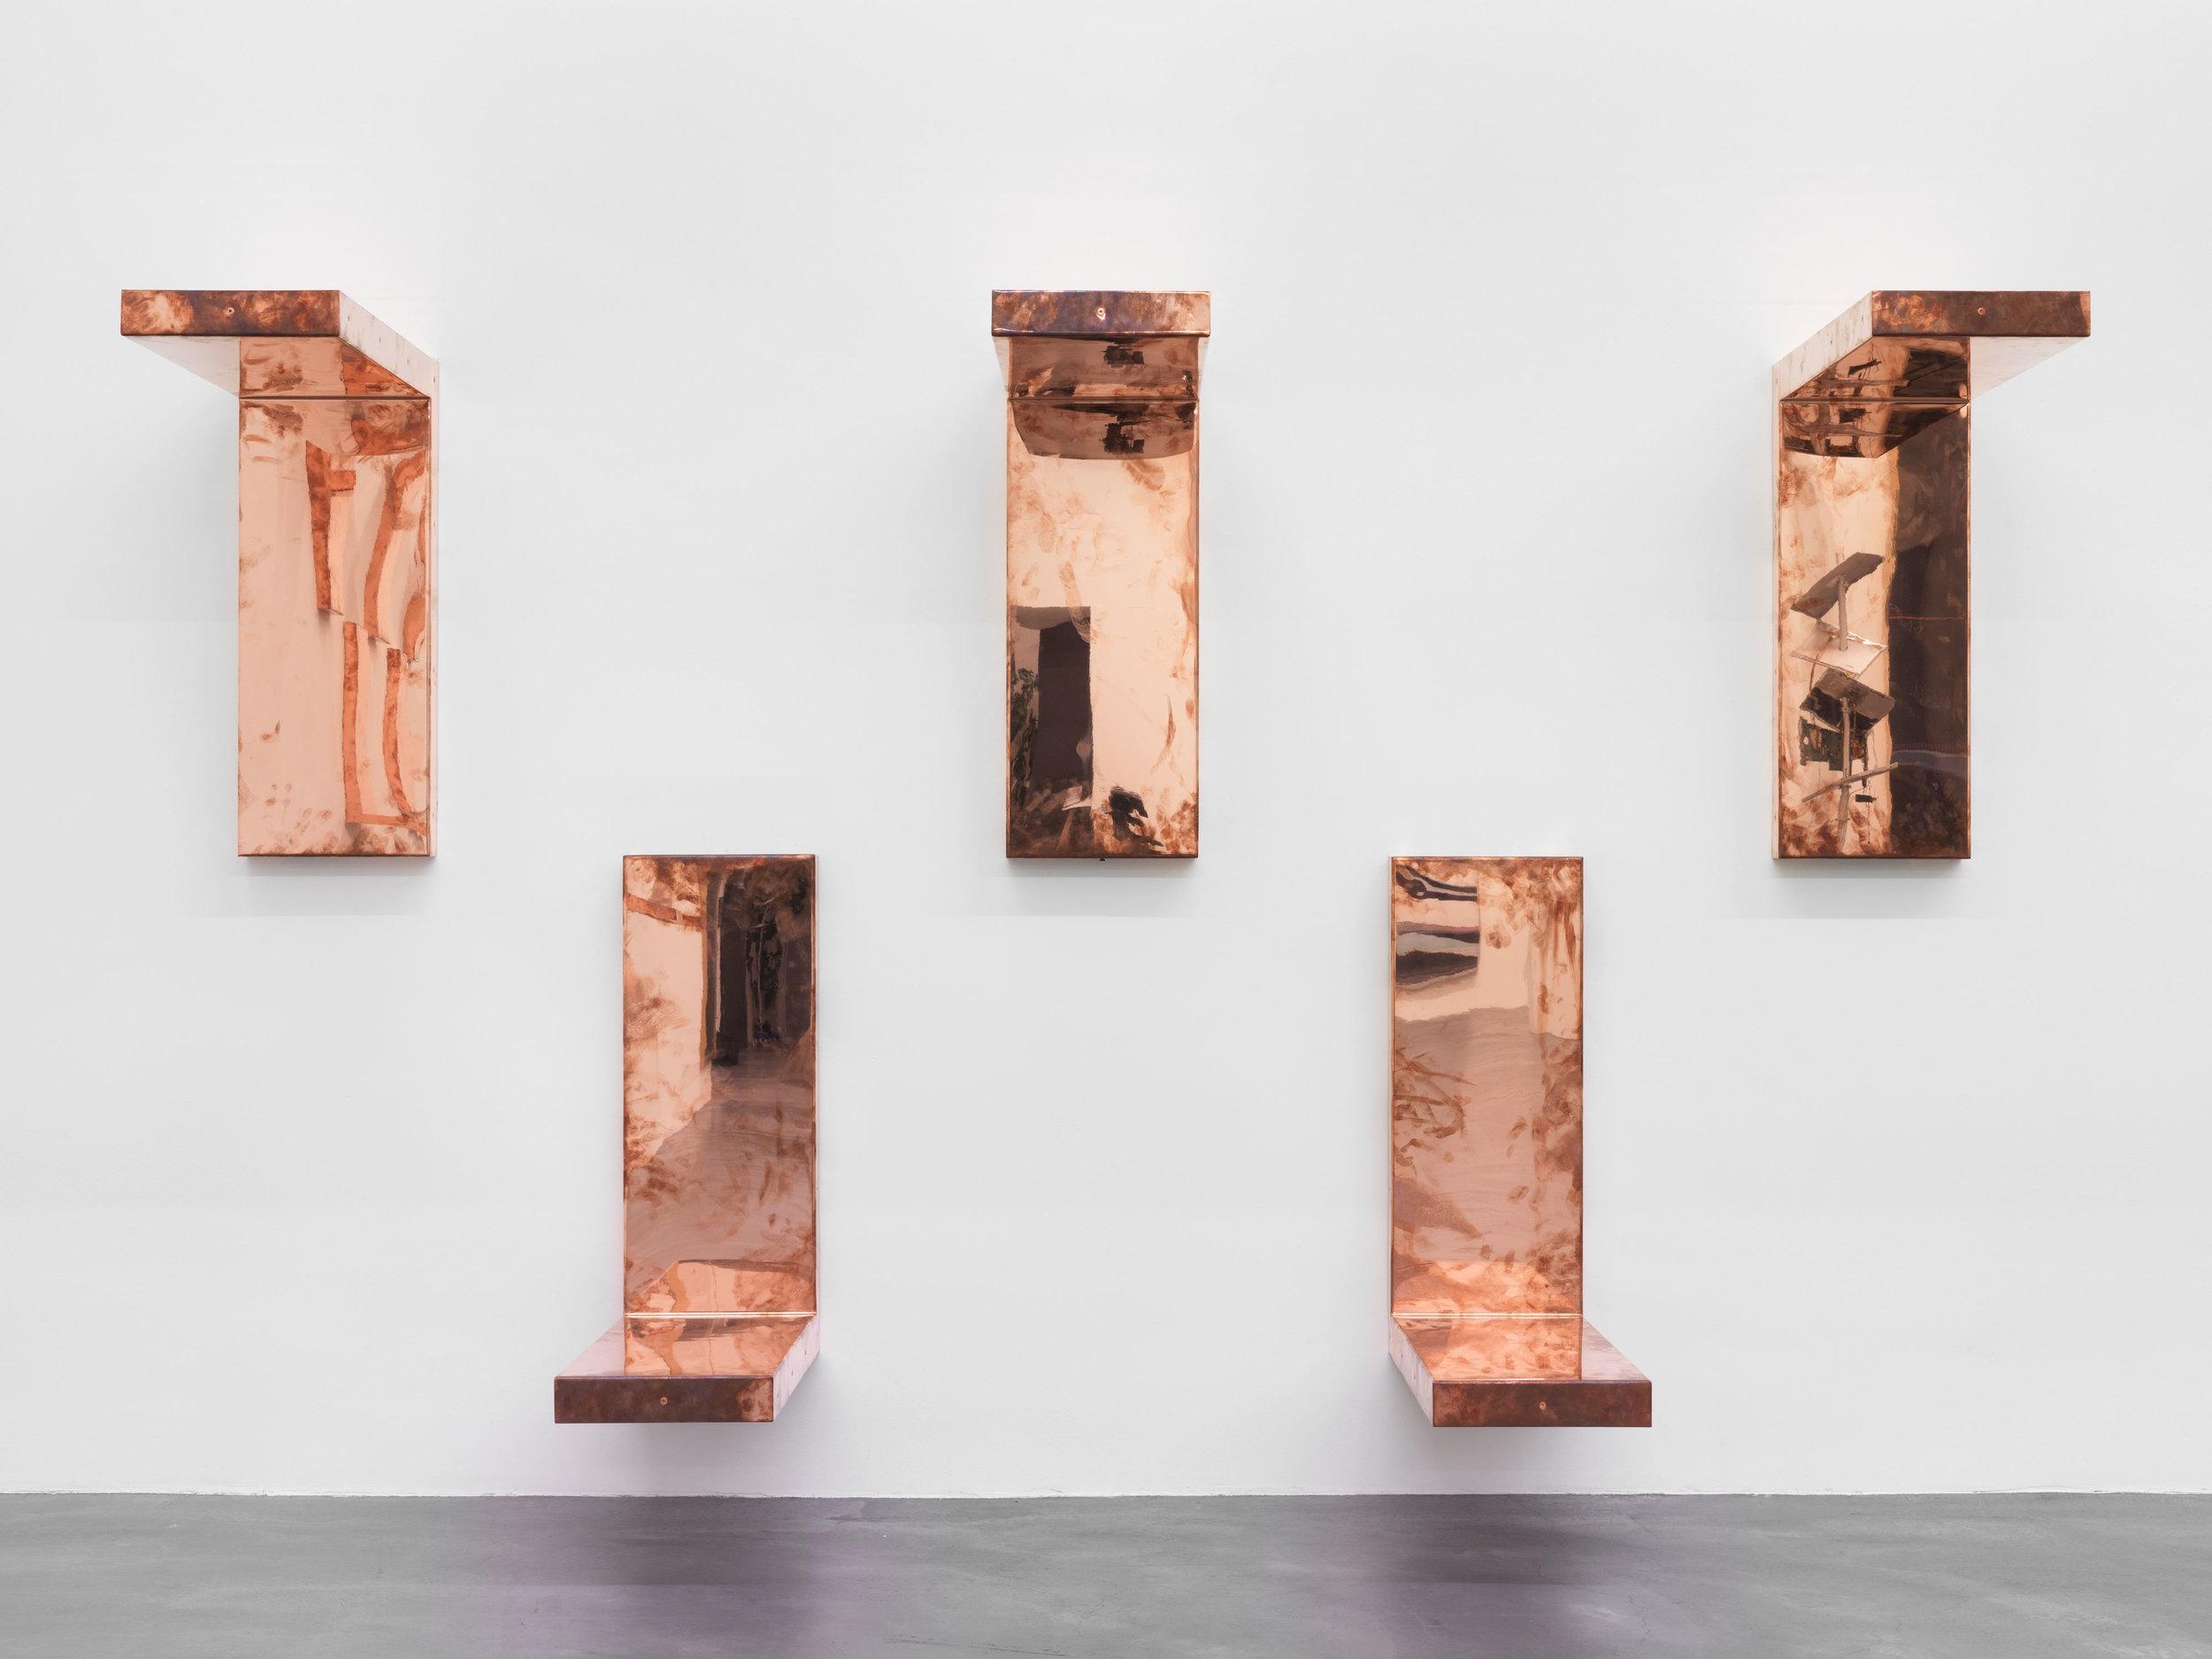 """Copper Surrogate (60"""" x 120"""" 48 ounce C11000 Copper Alloy, 90º Bend, 120"""" Bisection/5 Sections: June 1–8/August 30, 2016, Zürich, Switzerland),  2016–"""